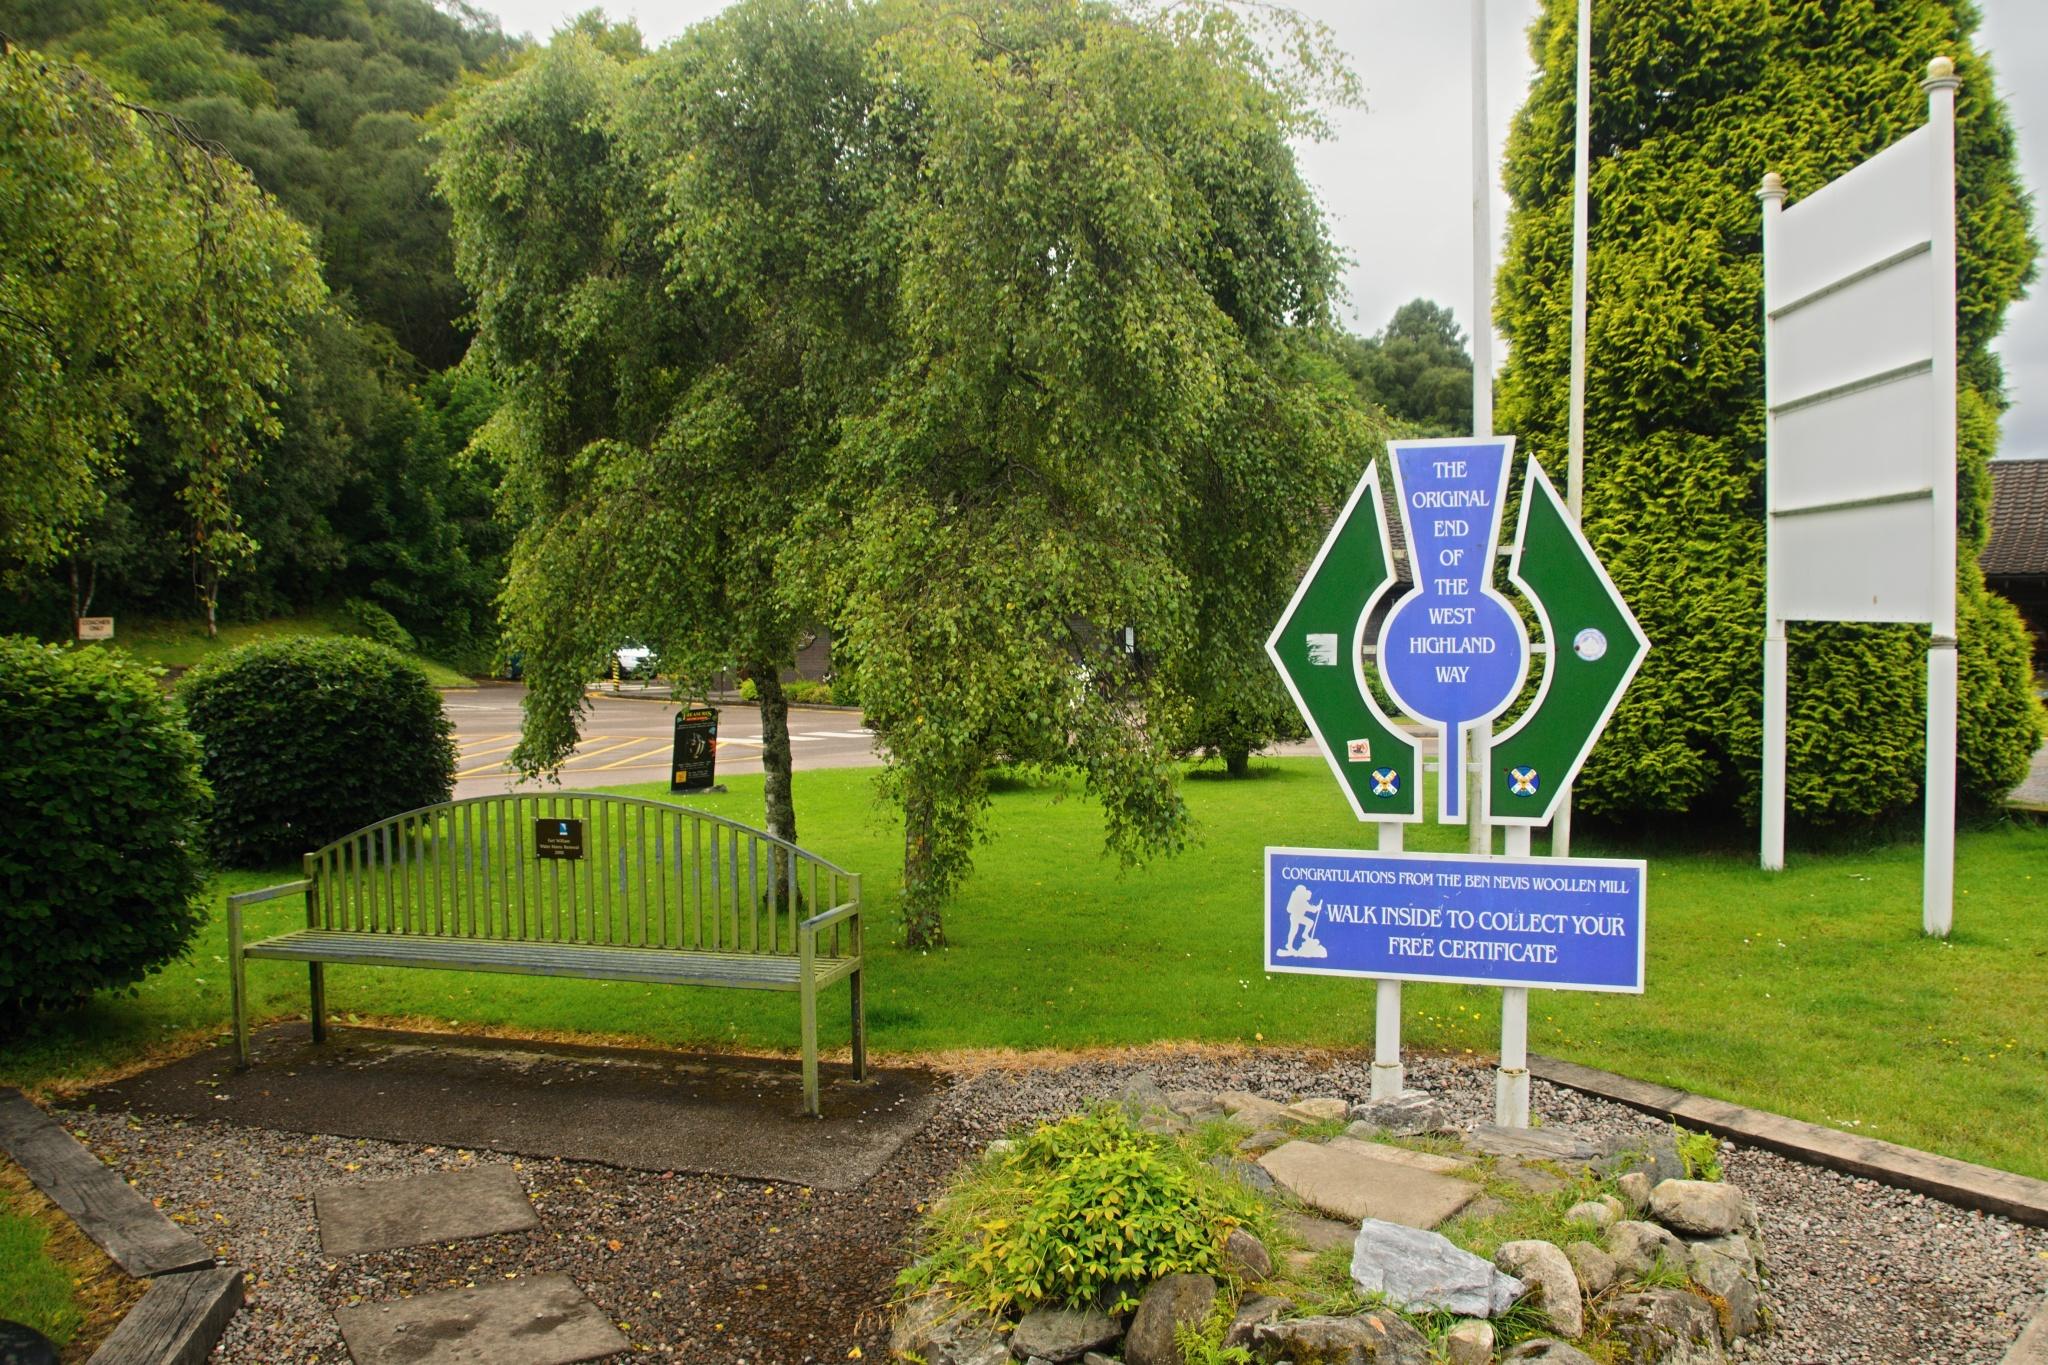 Konečně! Cíle West Highland Way. Nebo ne...?